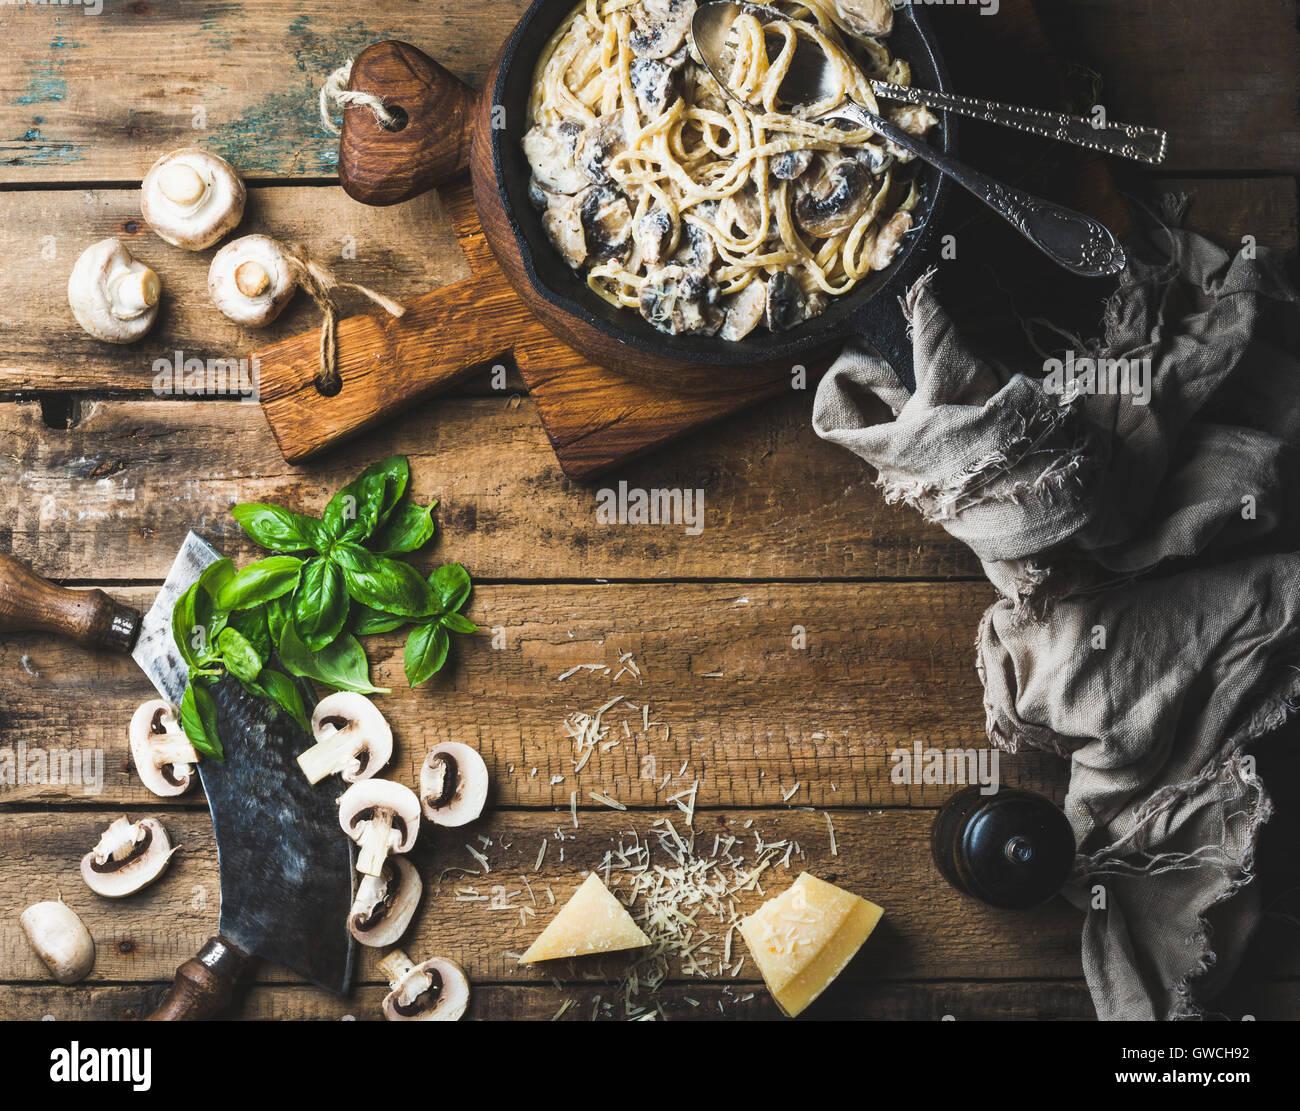 Dîner de style italien avec copie espace. Pâtes aux champignons crémeux spaghettis dans poêle en fonte avec du parmesan, Banque D'Images